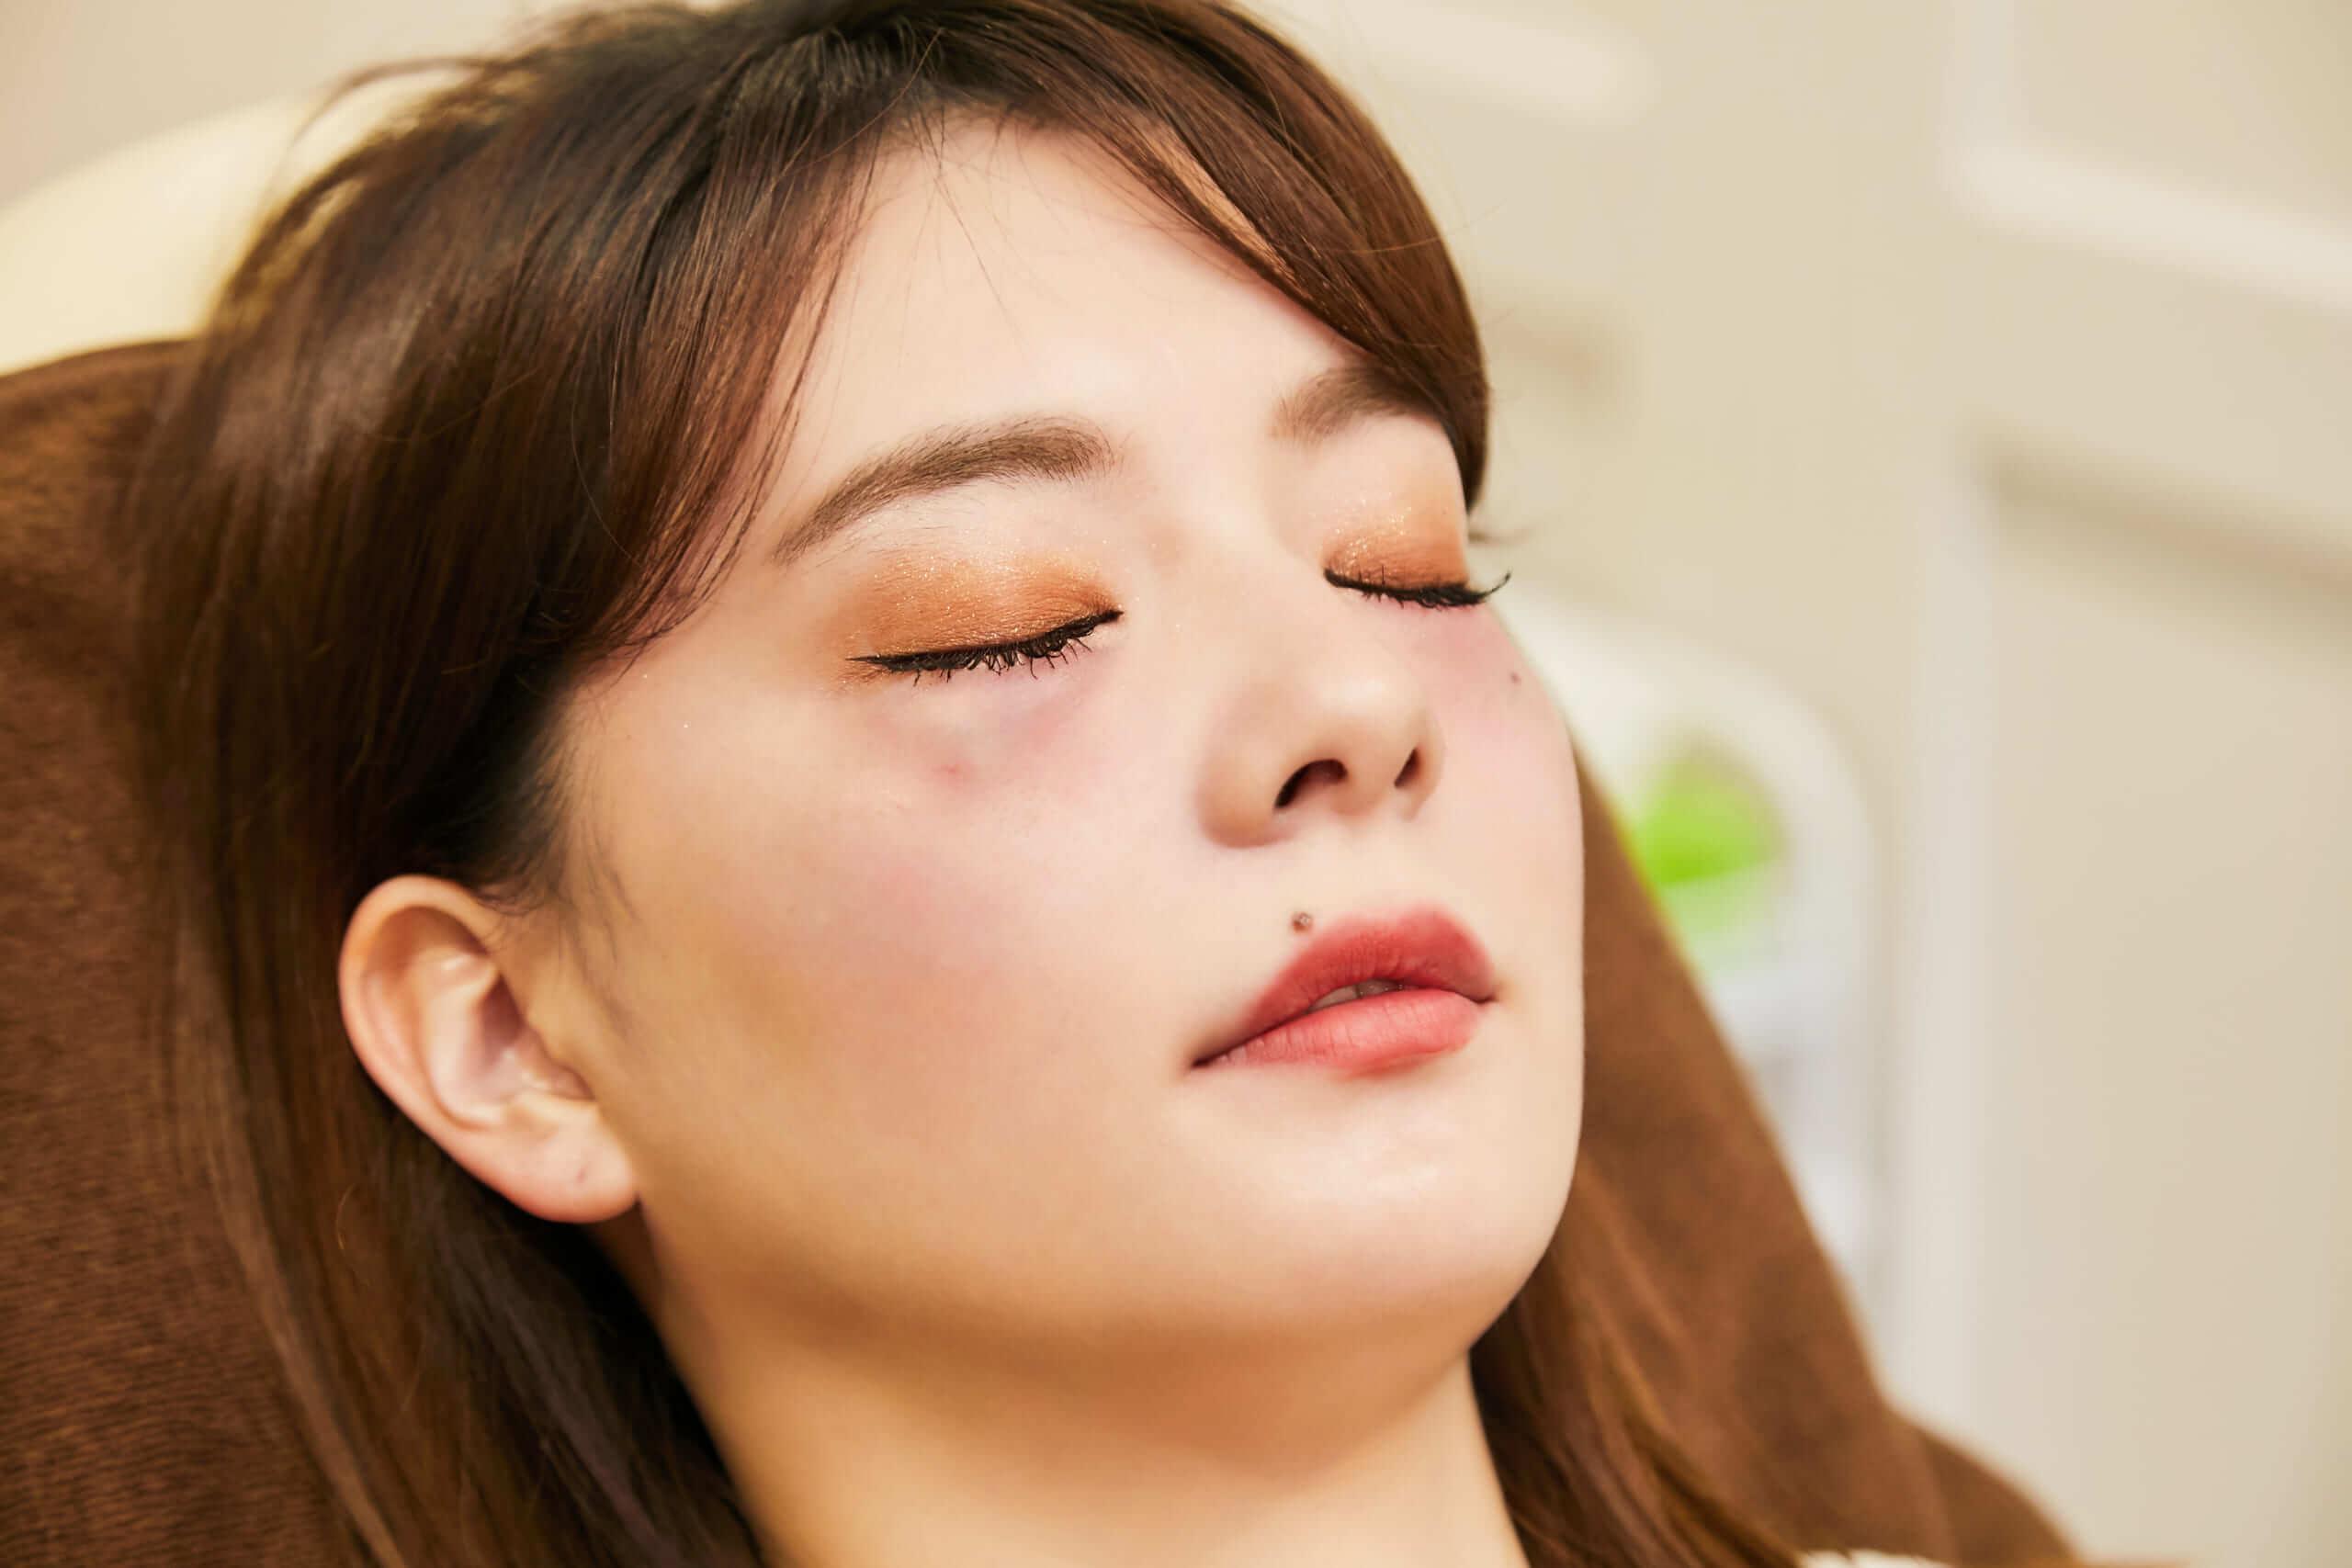 プルージュ美容クリニックのPRP「ぷるぷる注射」を打った施術後